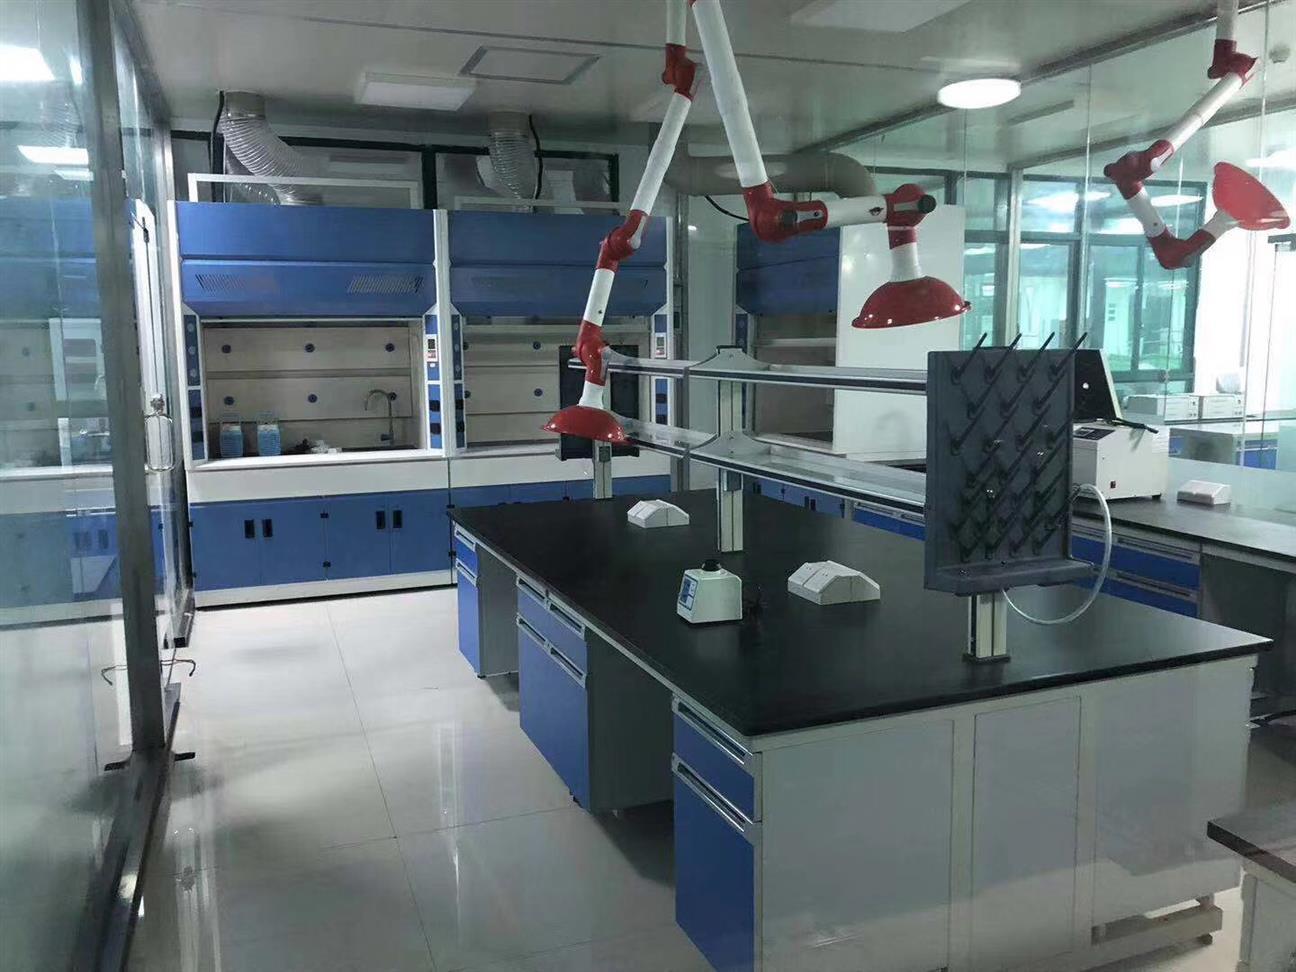 泰兴医院钢木实验台品牌 钢木实验桌 造型独特